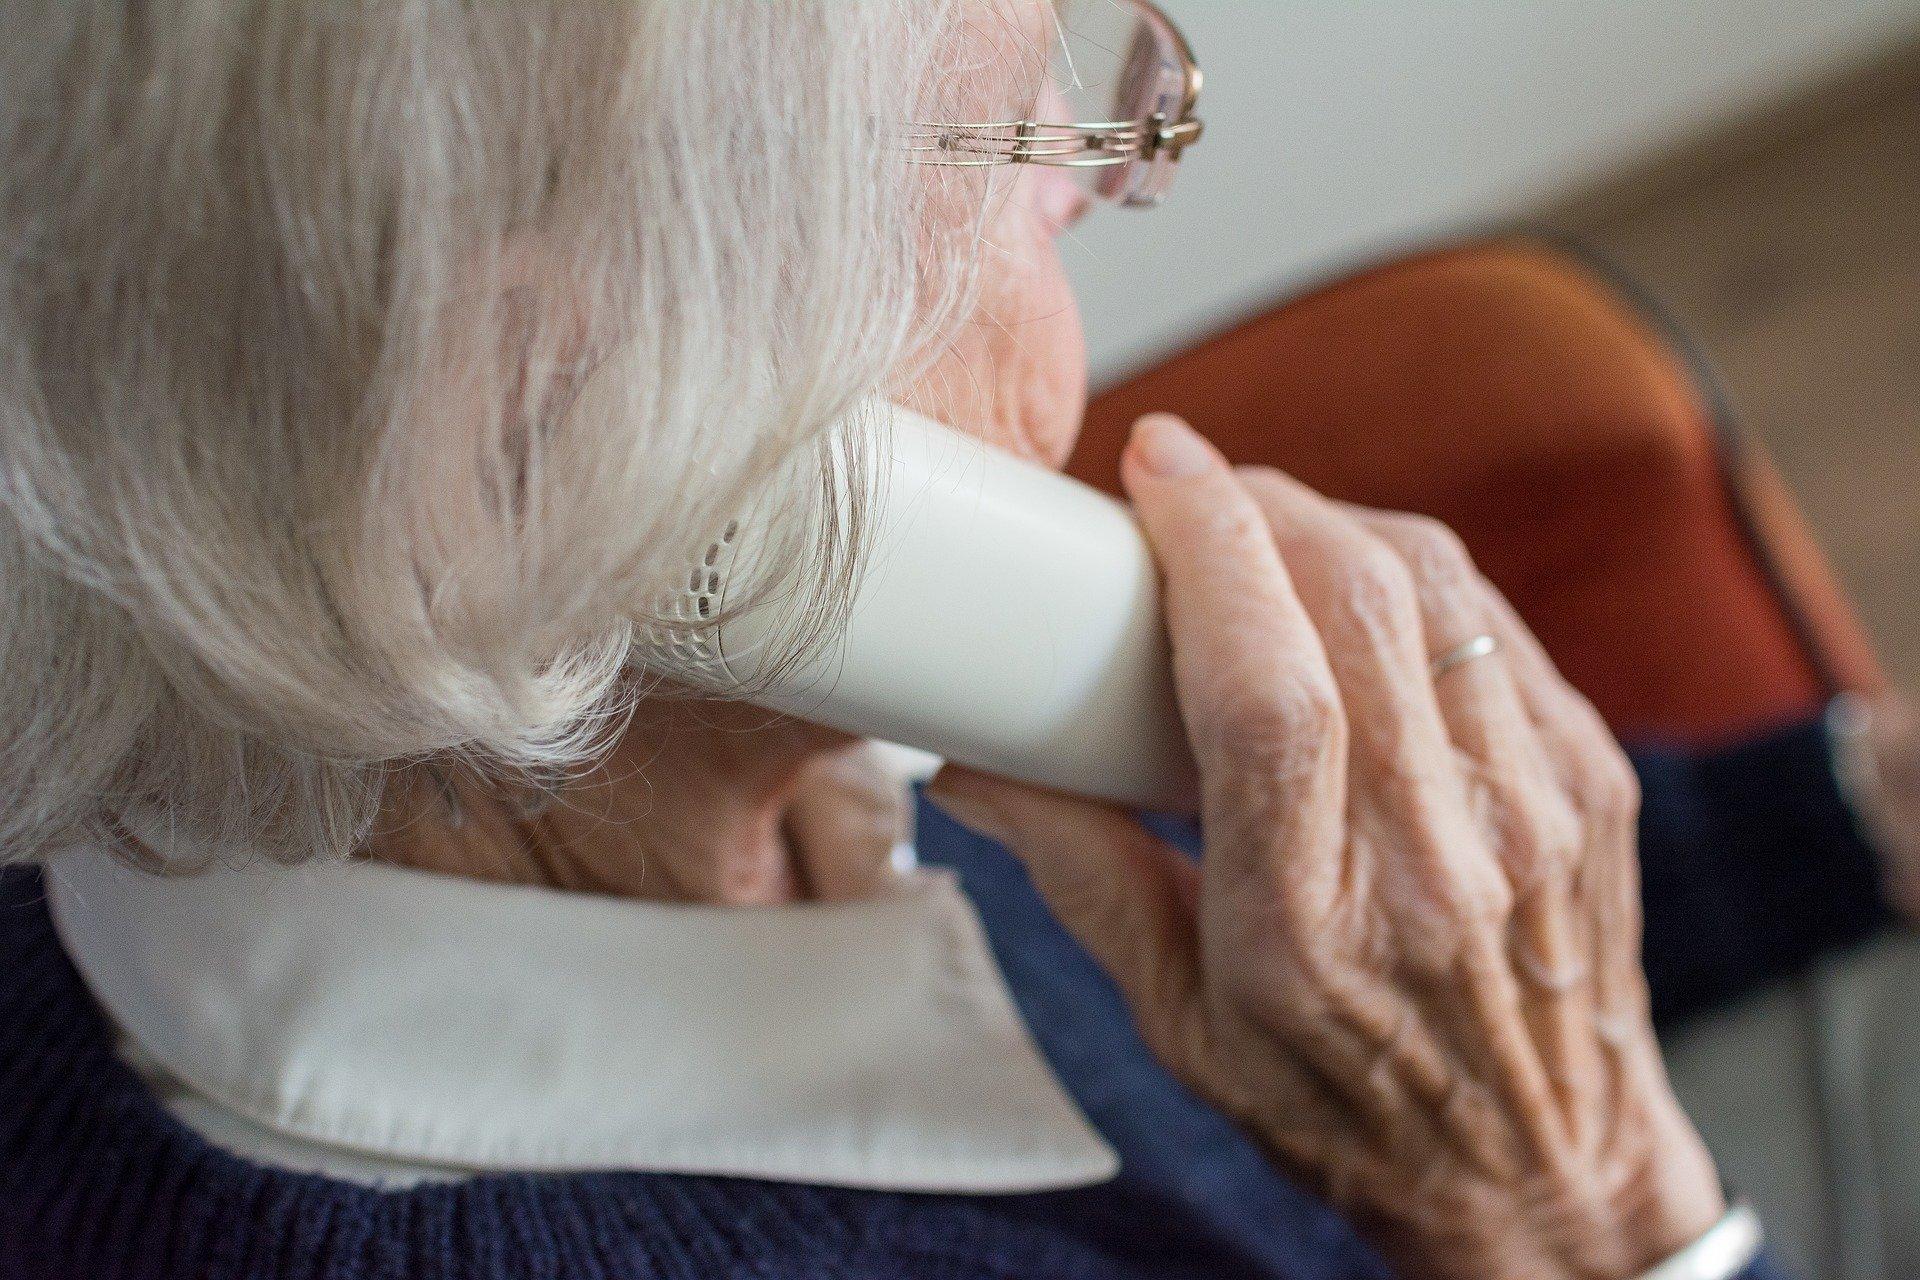 Podkarpacie. Seniorka straciła oszczędności. Oszukał ją fałszywy prokurator  - Zdjęcie główne